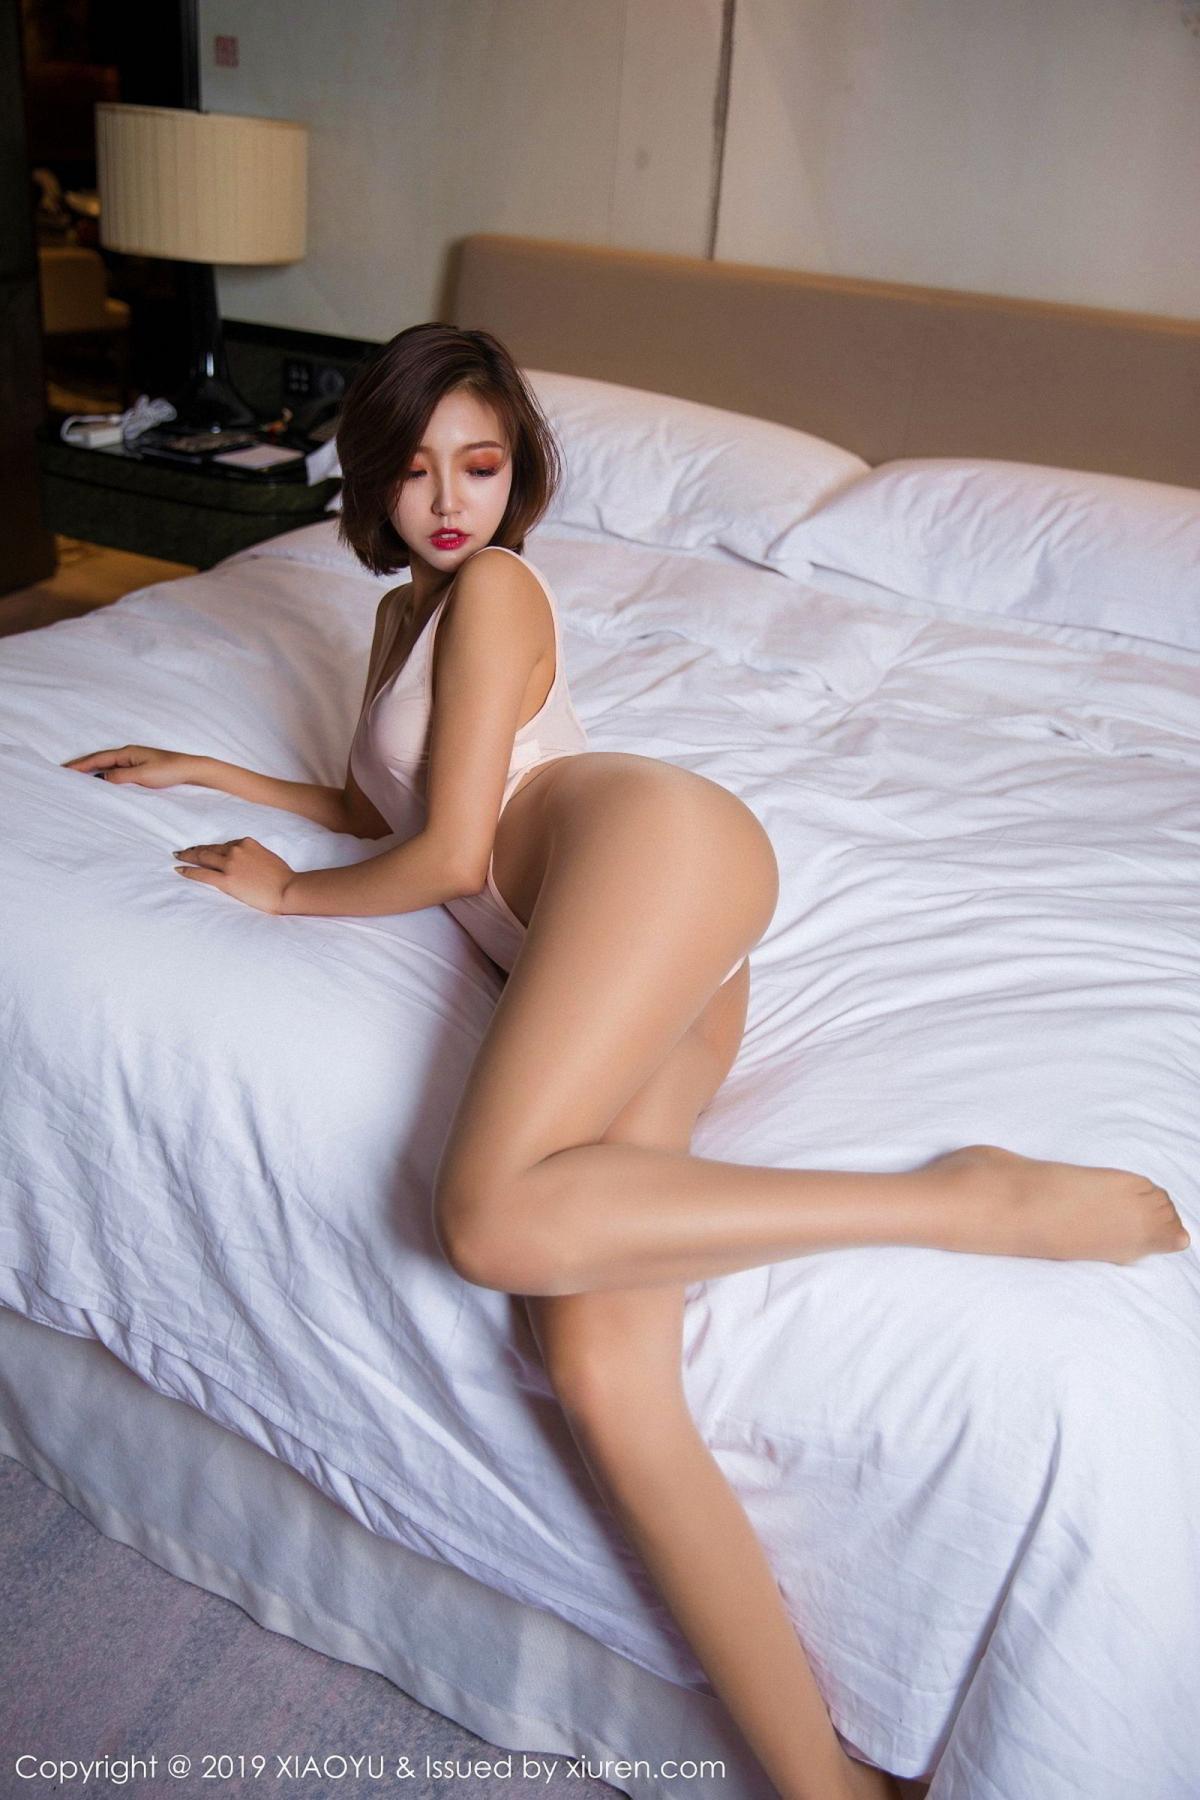 [XiaoYu] Vol.021 Feng Mu Mu 9P, Feng Mu Mu, Tall, XiaoYu